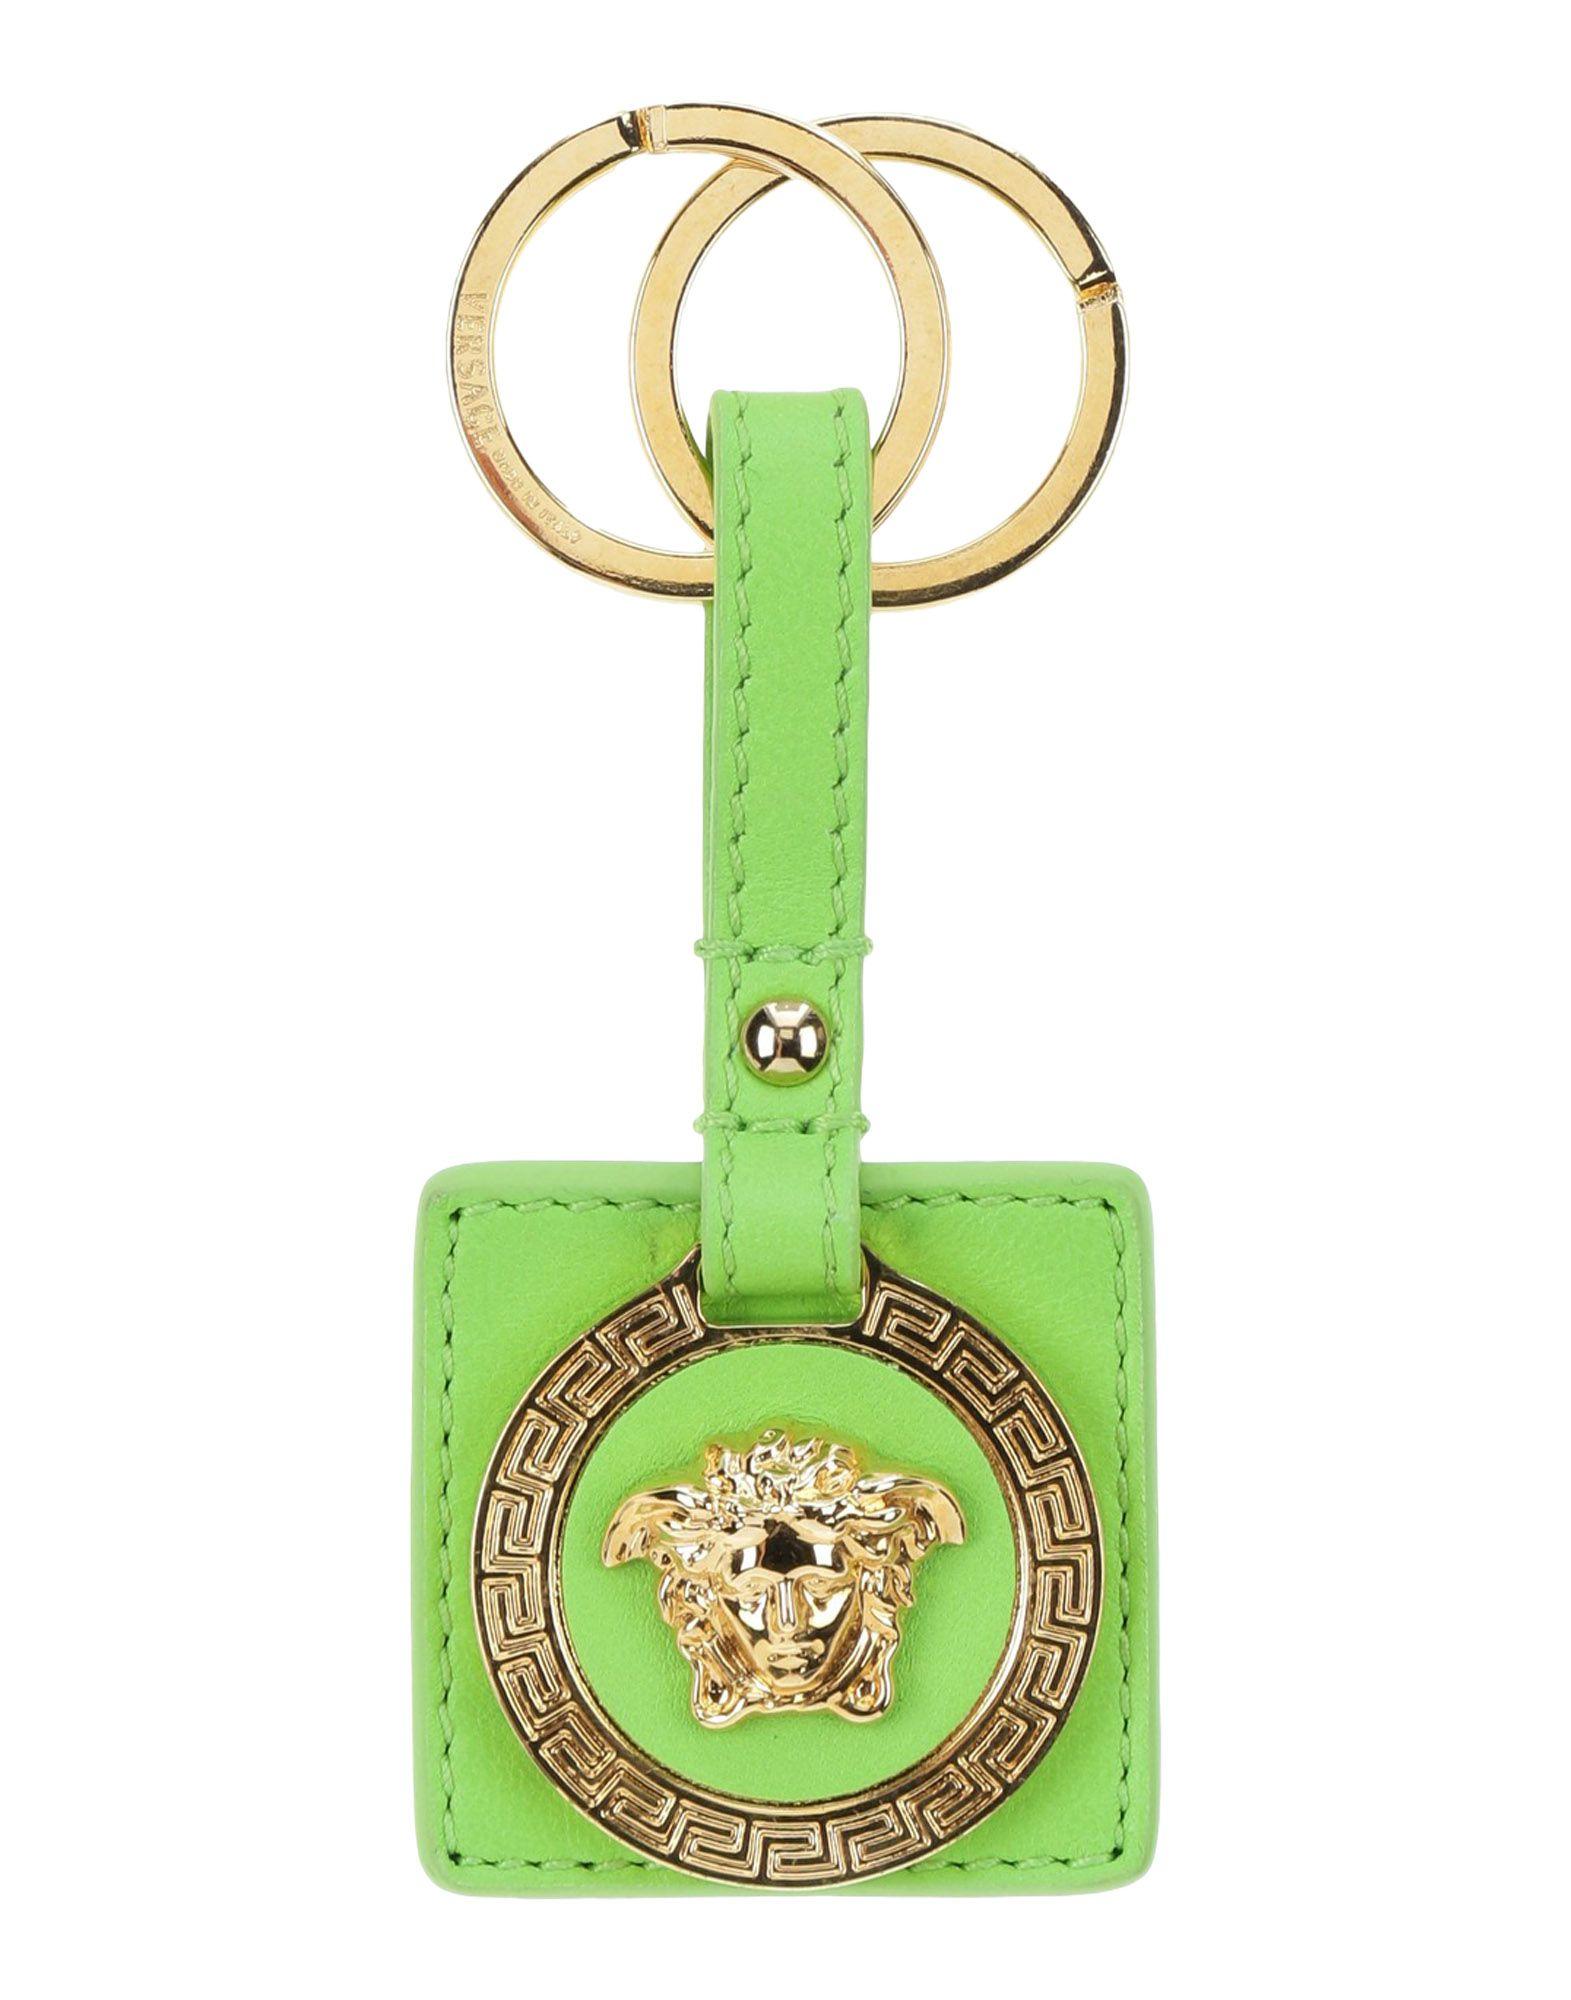 VERSACE Брелок для ключей jobon zhongyin брелок для ключей кольцо для ключей цепочка для ключей мать двойной брелок для ключа талия висит zb 020b черный